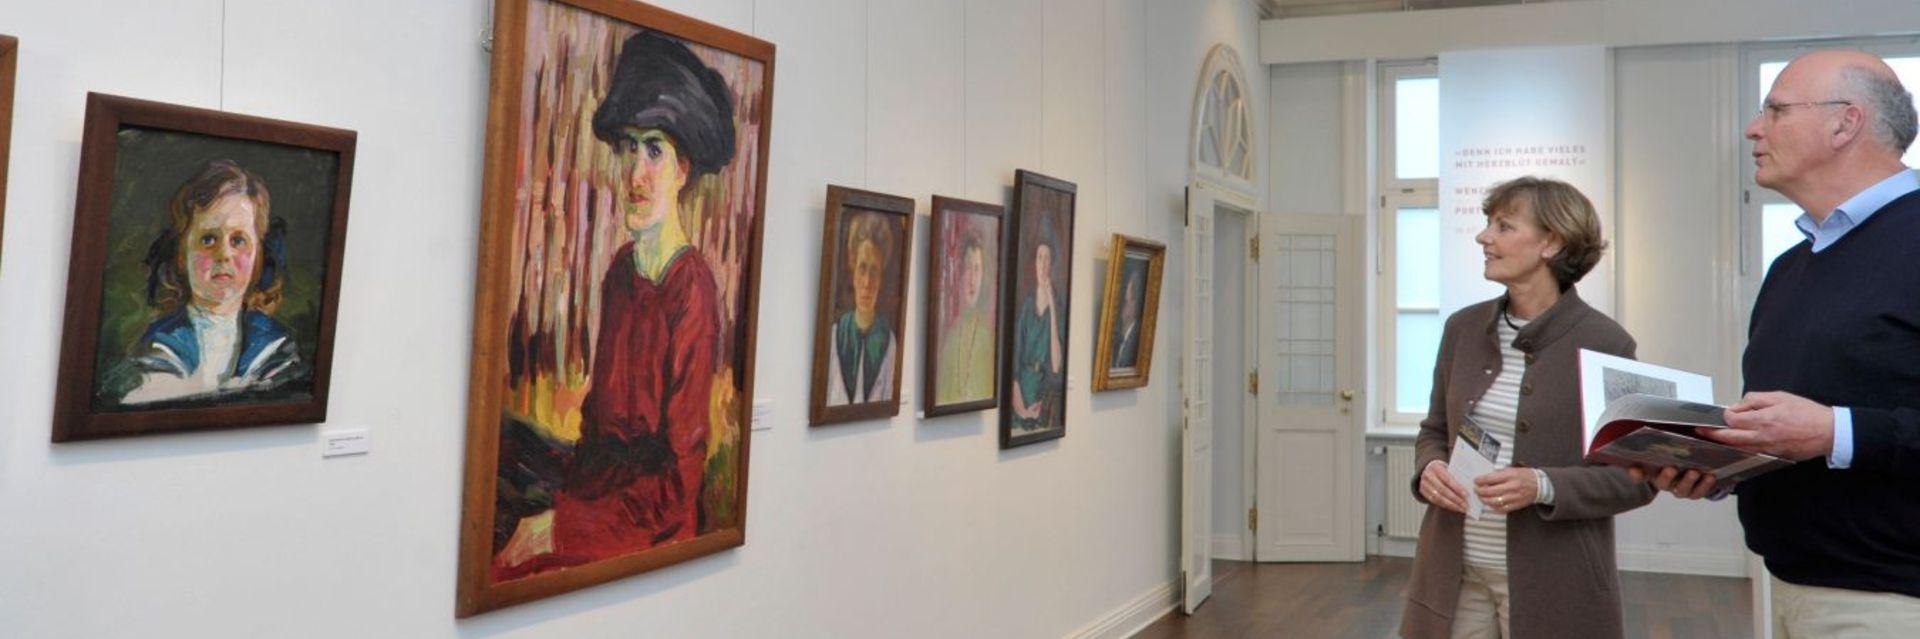 Besucher im Wenzel-Hablik Museum